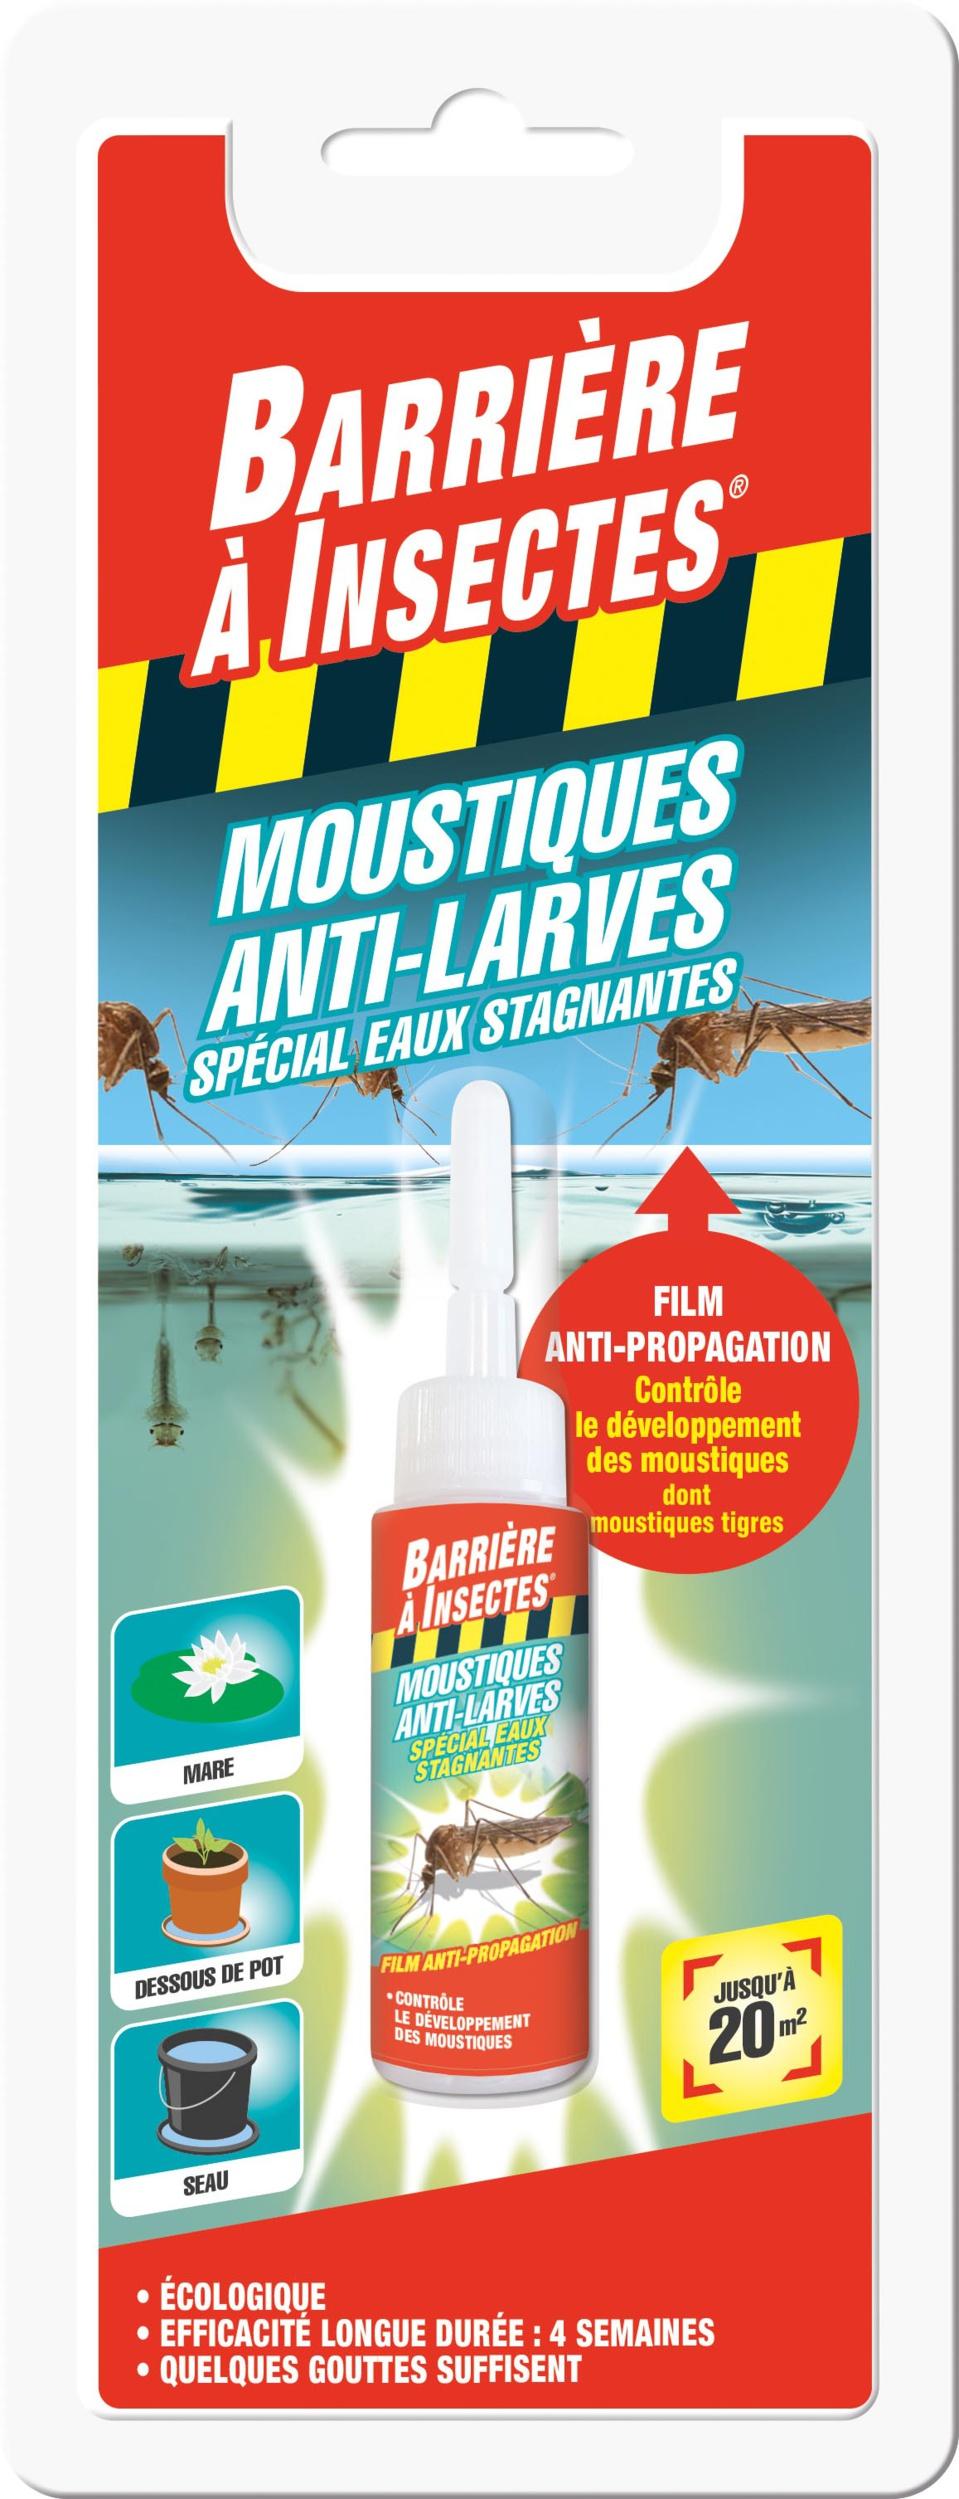 Nouveau Film Anti-larves de moustiques